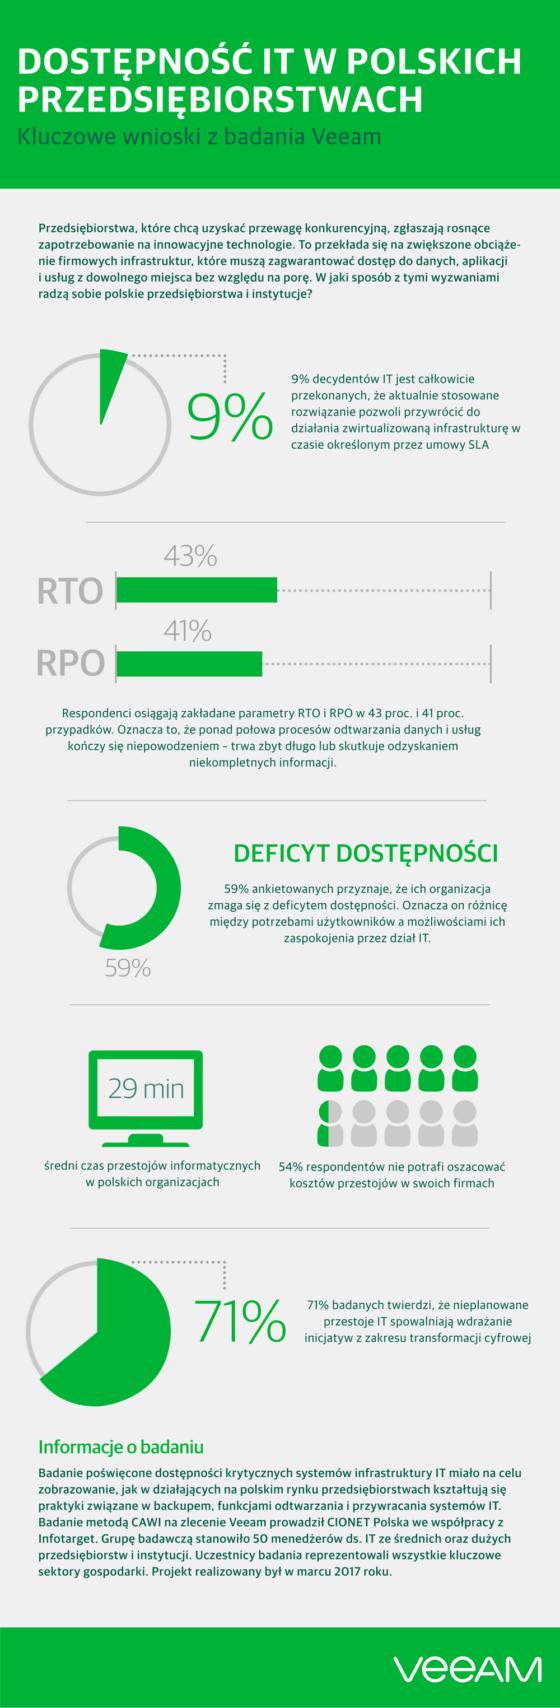 59% polskich firm zmaga się z tzw. deficytem dostępności